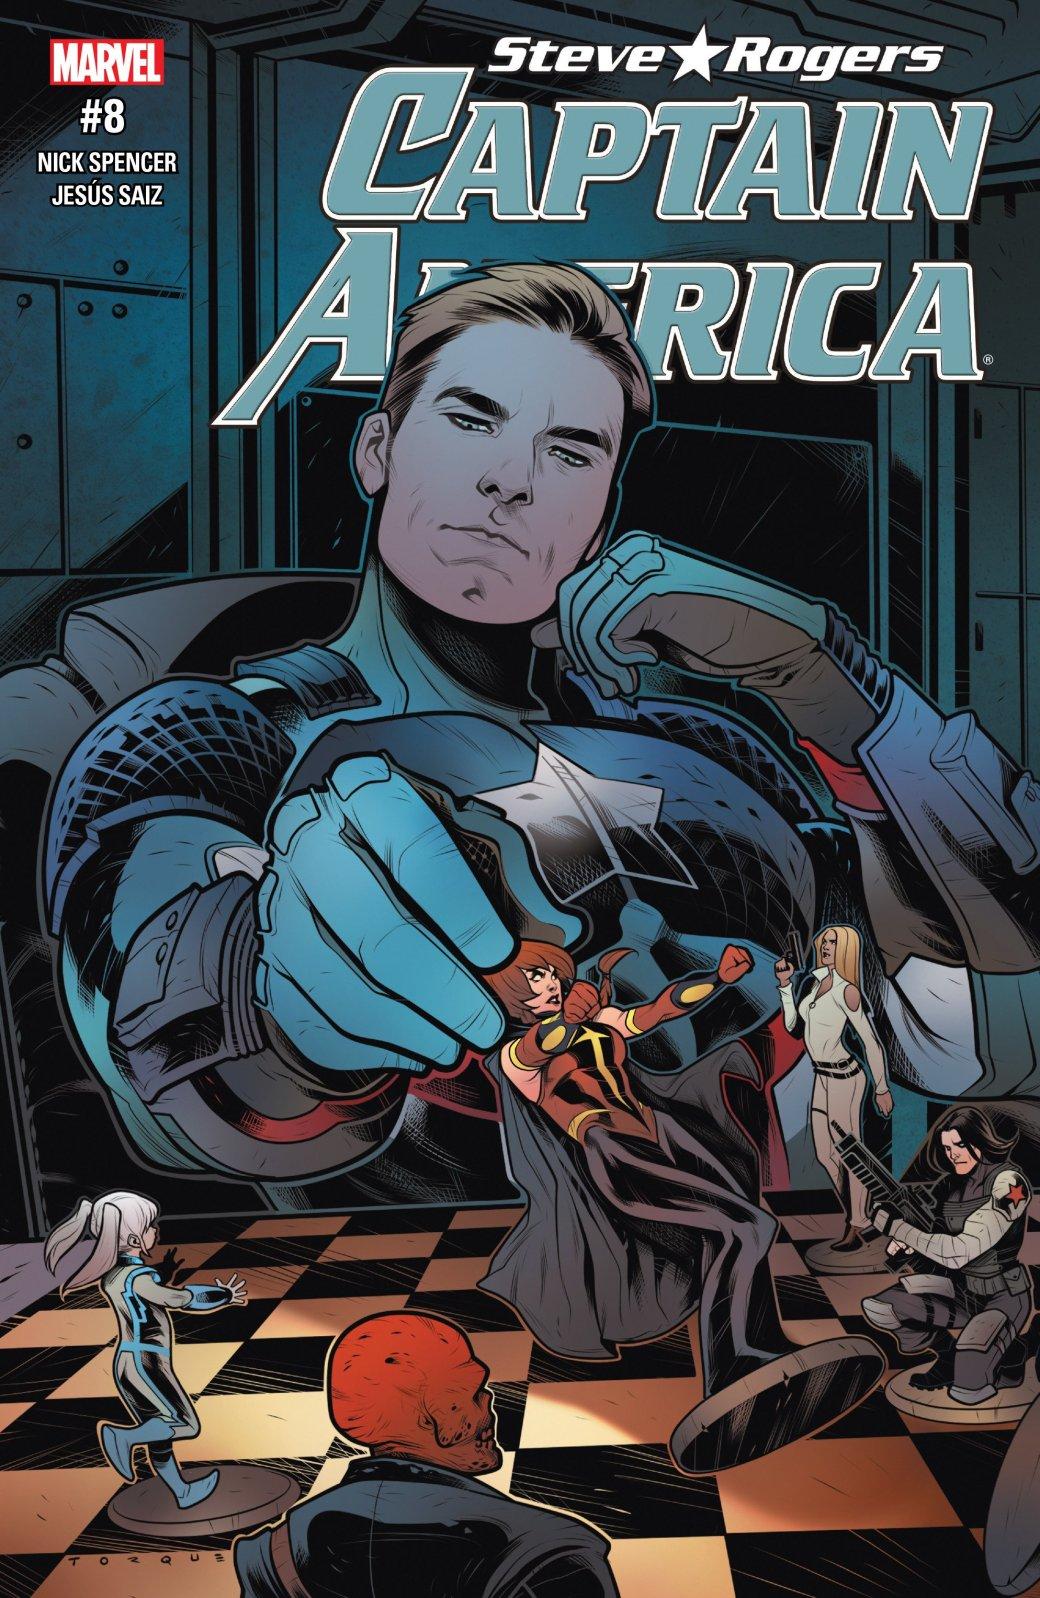 Как изменился Капитан Америка, став агентом Гидры? - Изображение 1